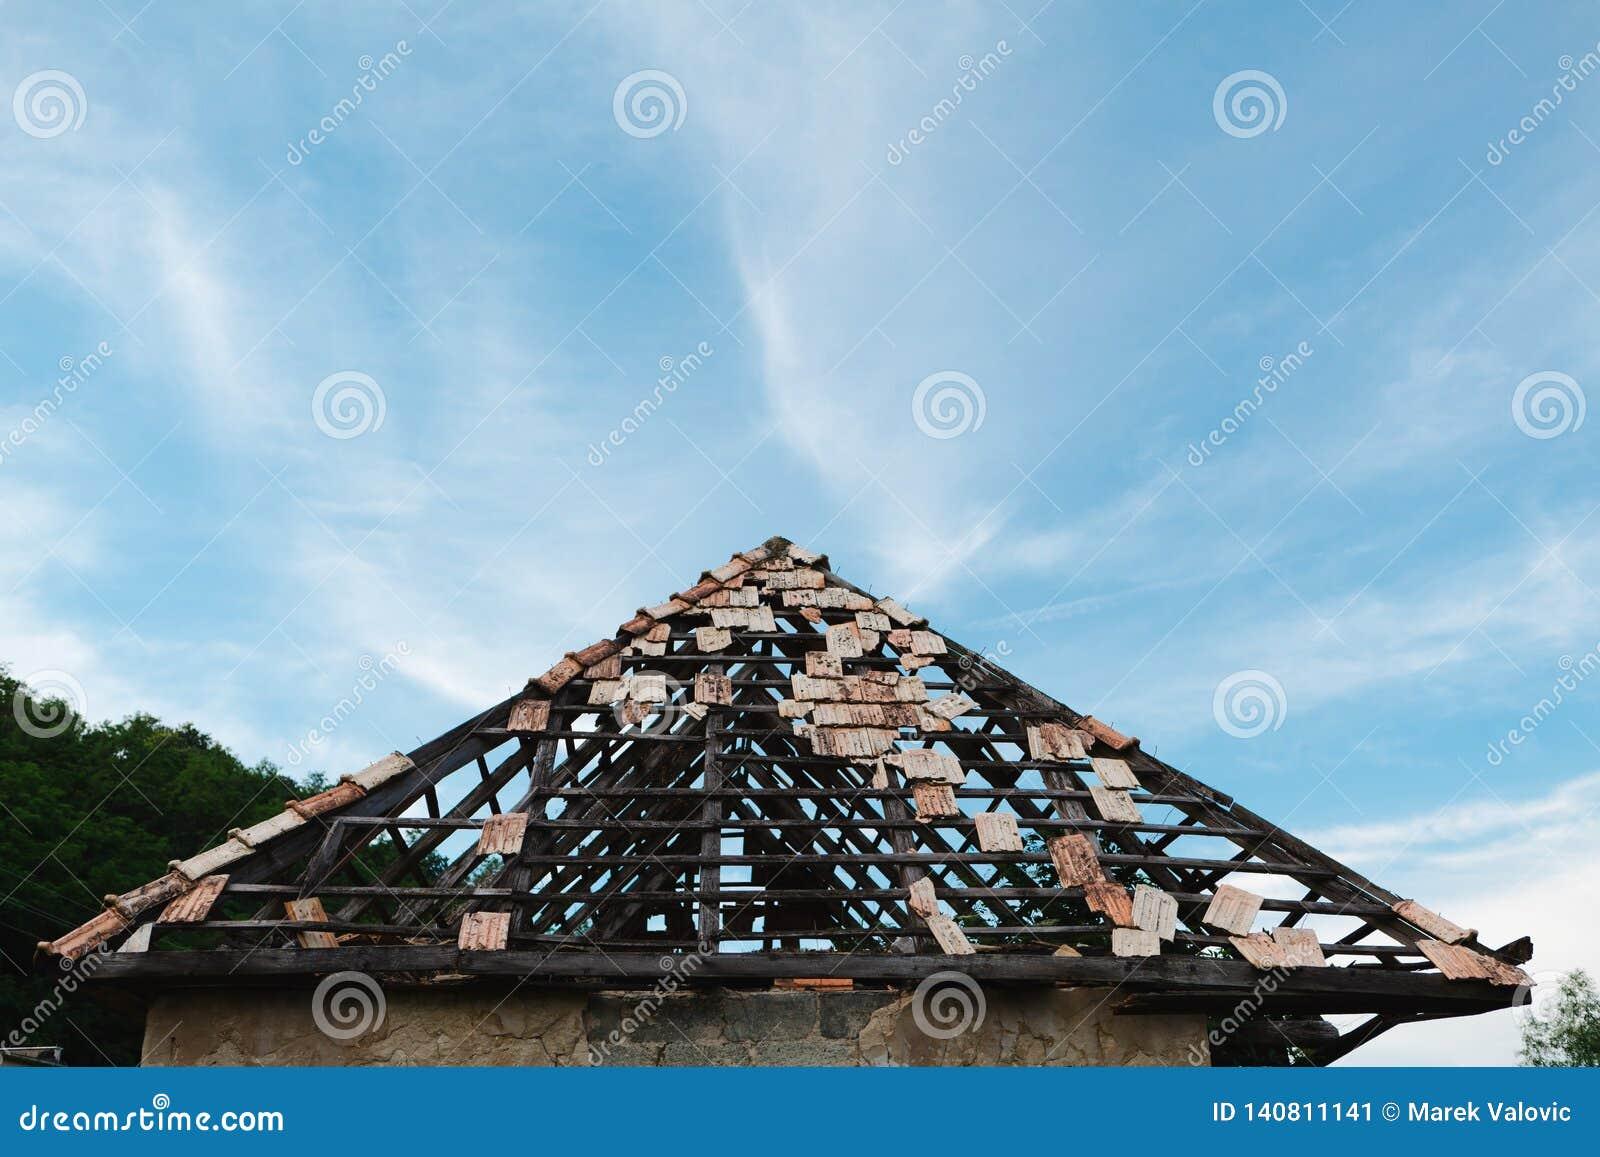 Eftersatt tak med några taktegelplattor fortfarande på - försäkring